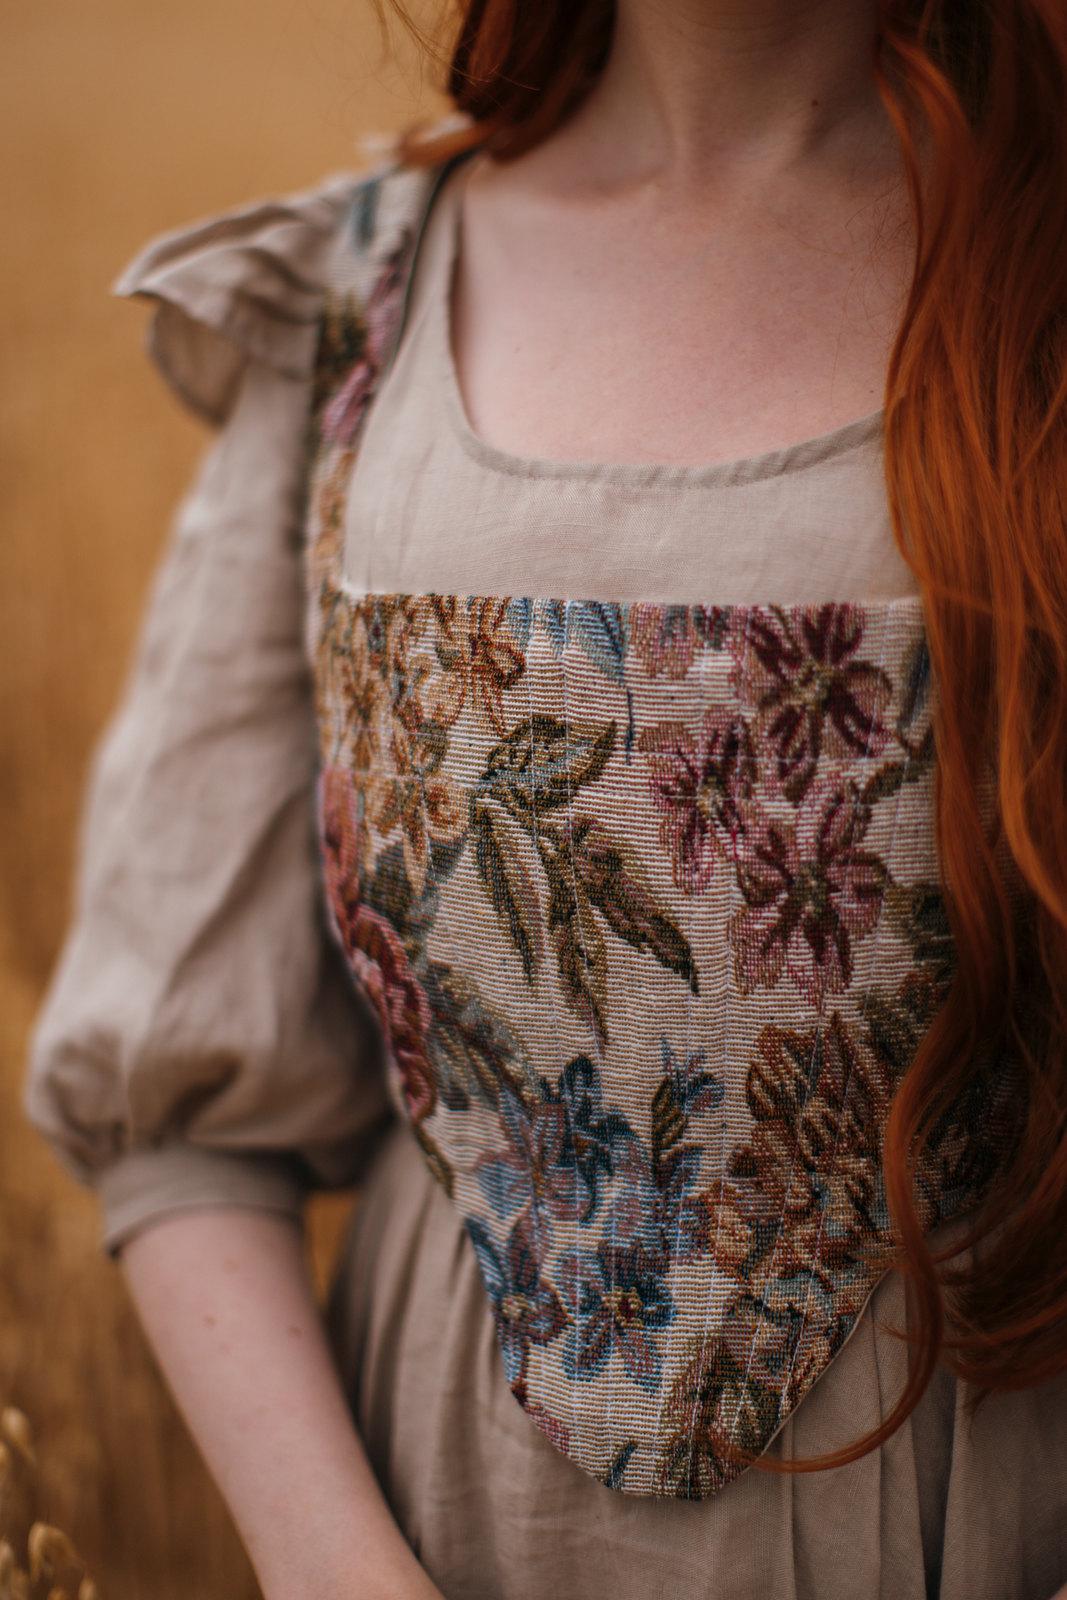 cottagecore, cottagecore dress, dark cottagecore, cottagecore aesthetic, cottagefairy, fairycore, autumn fashion, autumn cottagecore, romantic academia